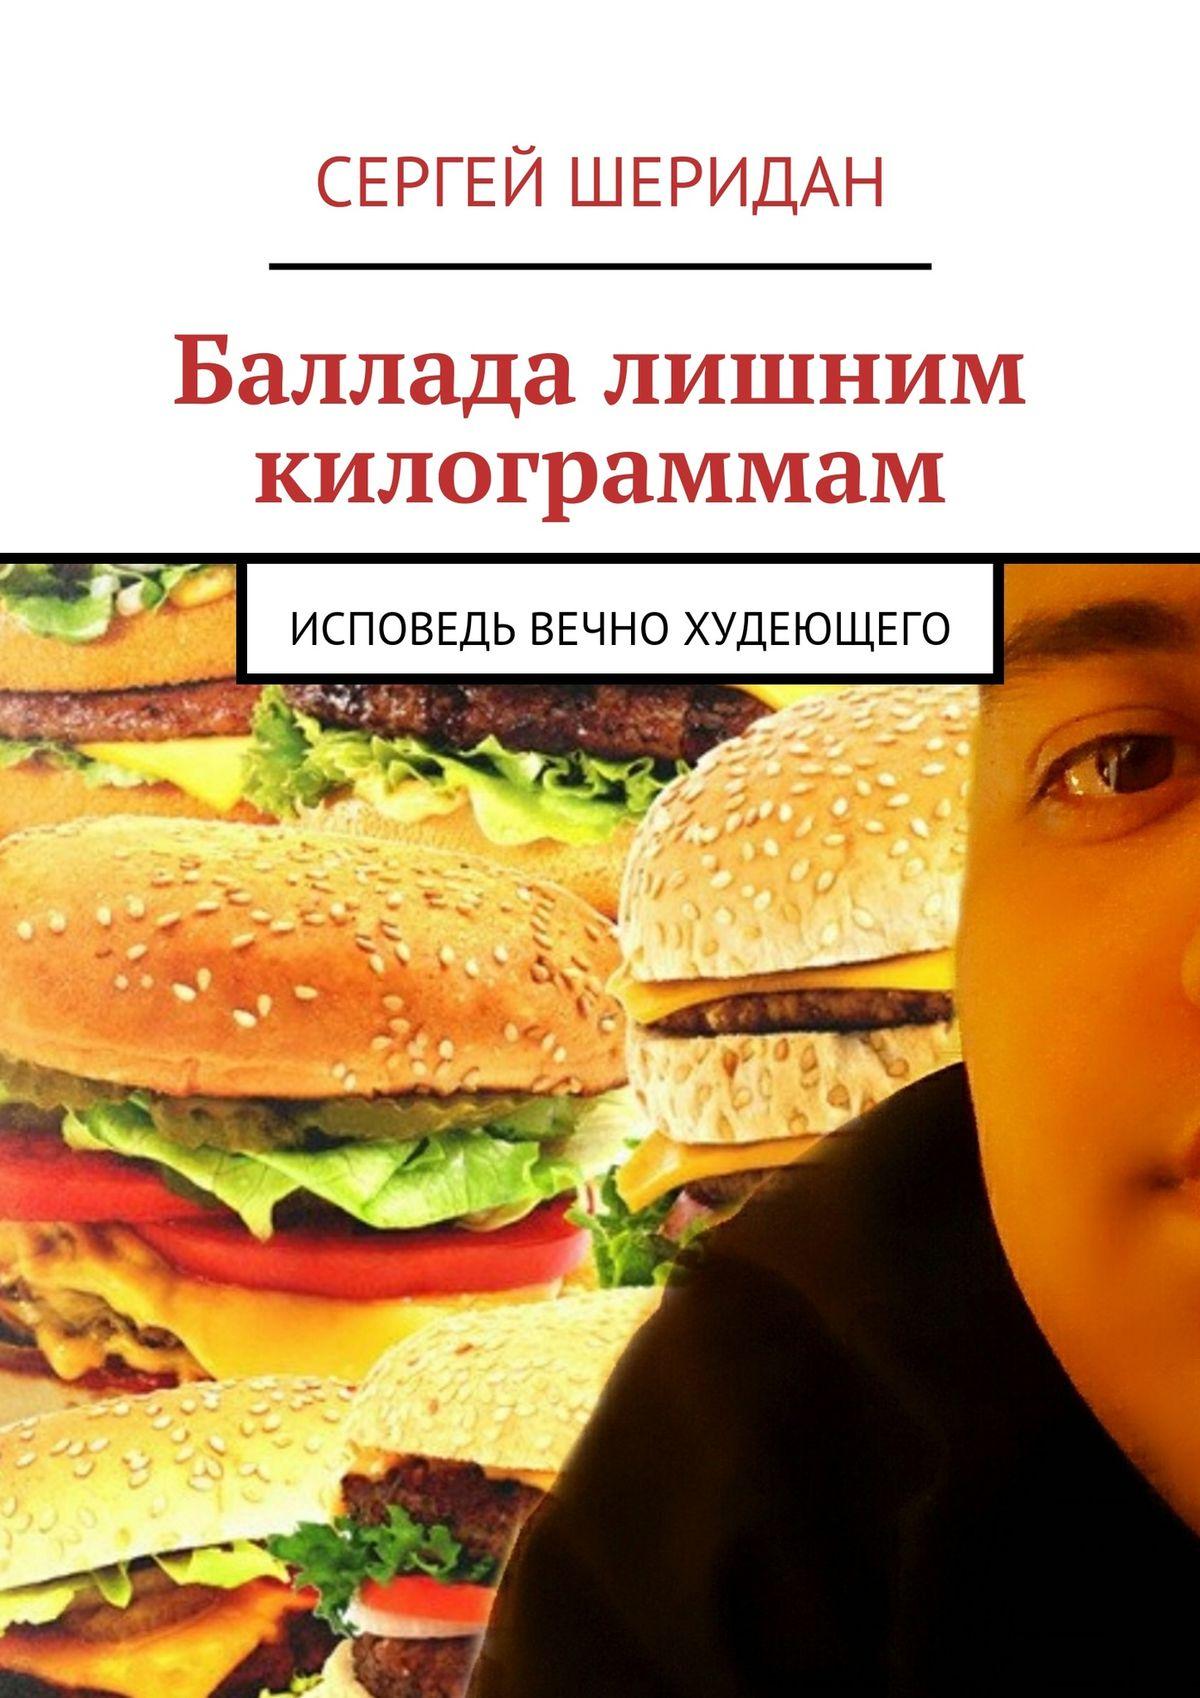 Сергей Шеридан Баллада лишним килограммам владимир зазубрин алтайская баллада сборник